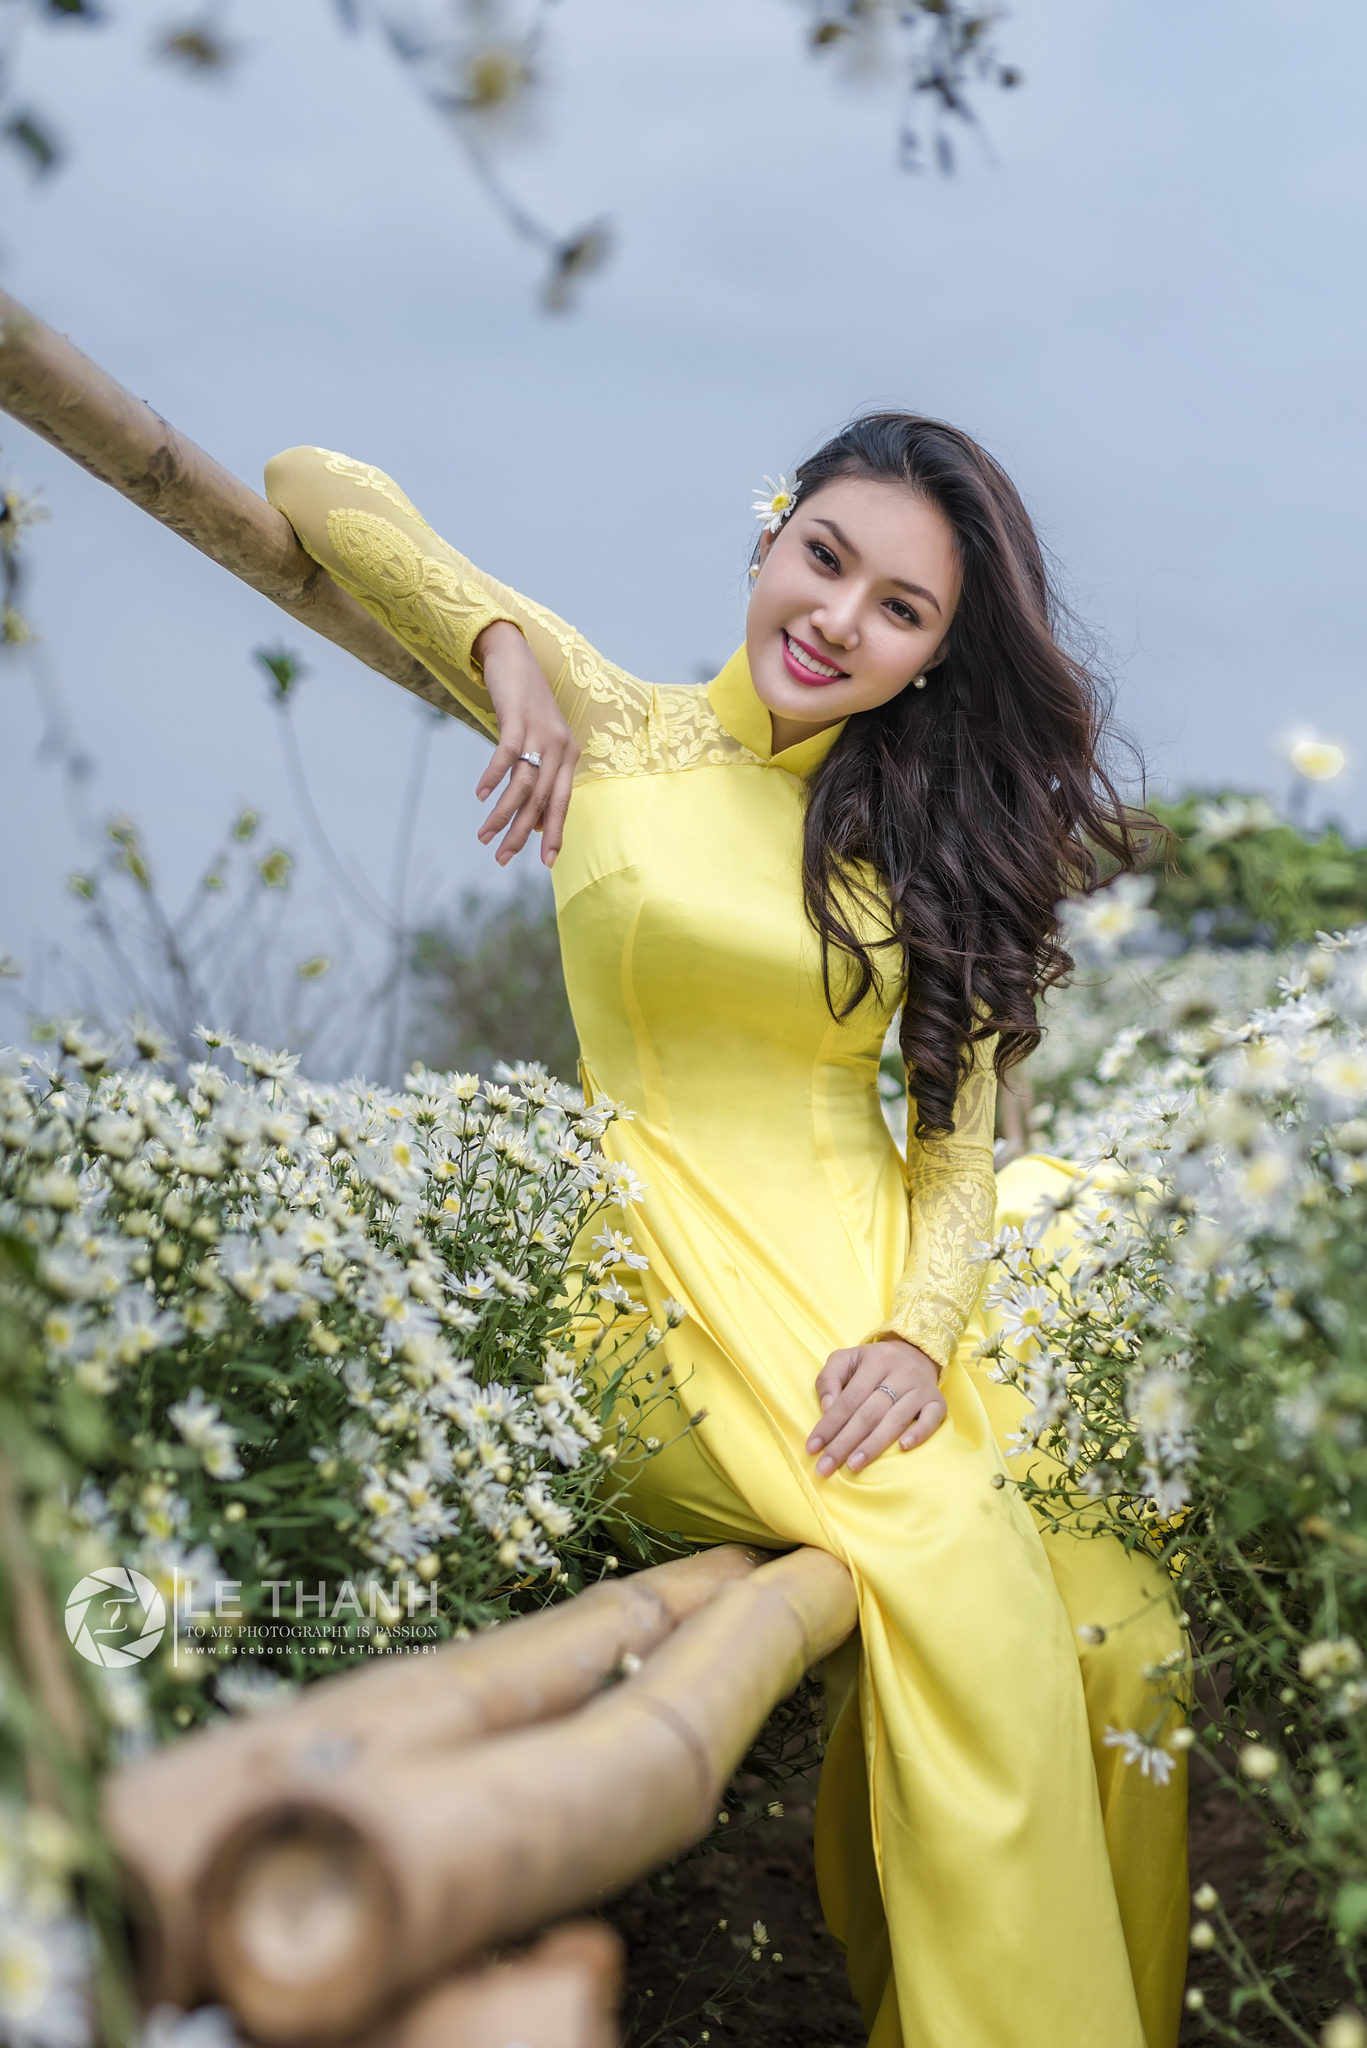 Tuyển tập girl xinh gái đẹp Việt Nam mặc áo dài đẹp mê hồn #60 - 8